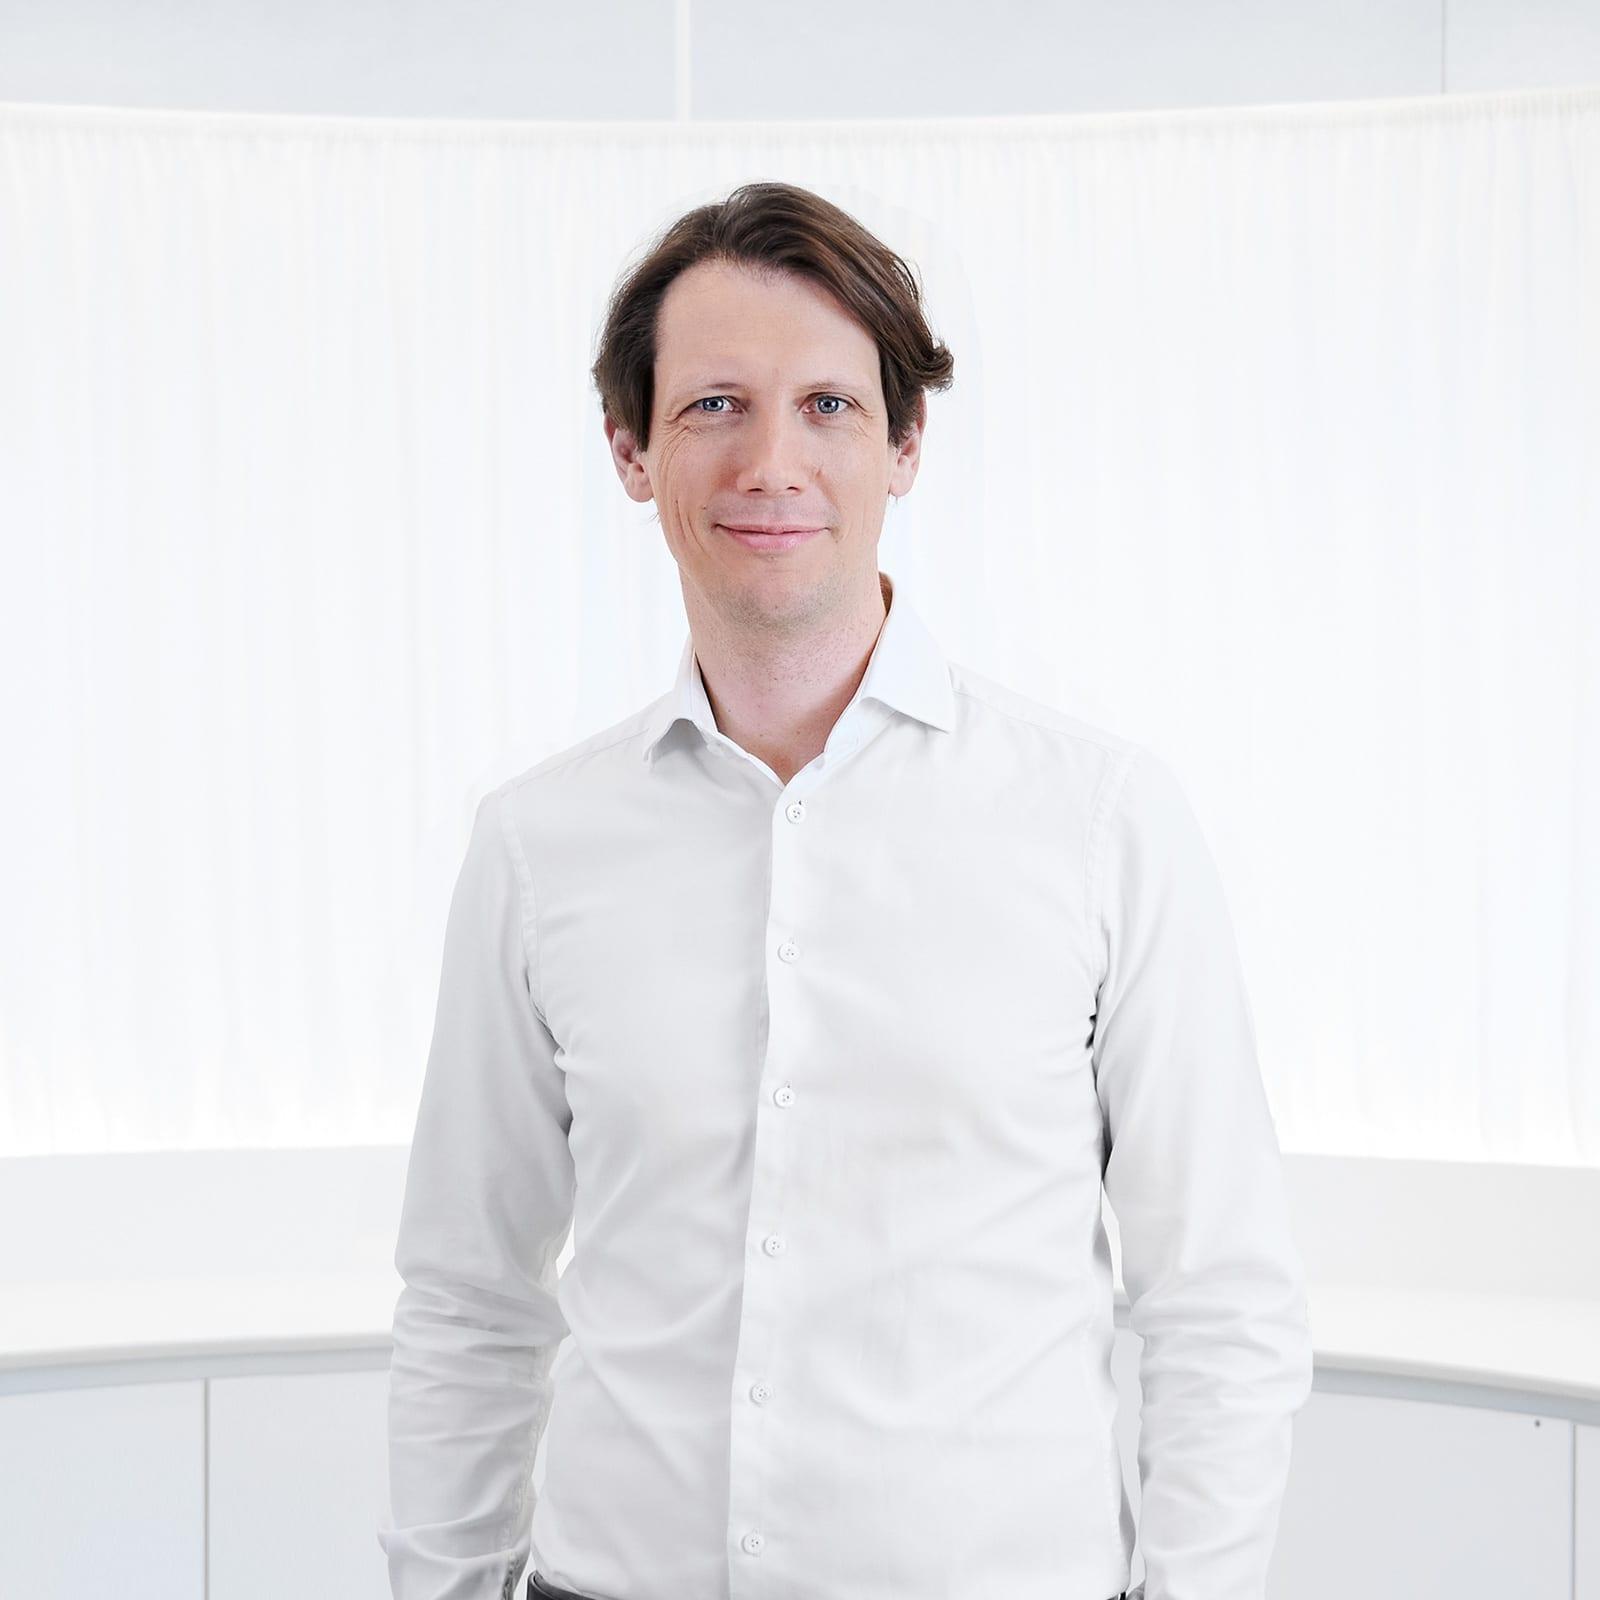 Radiologie Düsseldorf – Dr. Nils A. Krämer